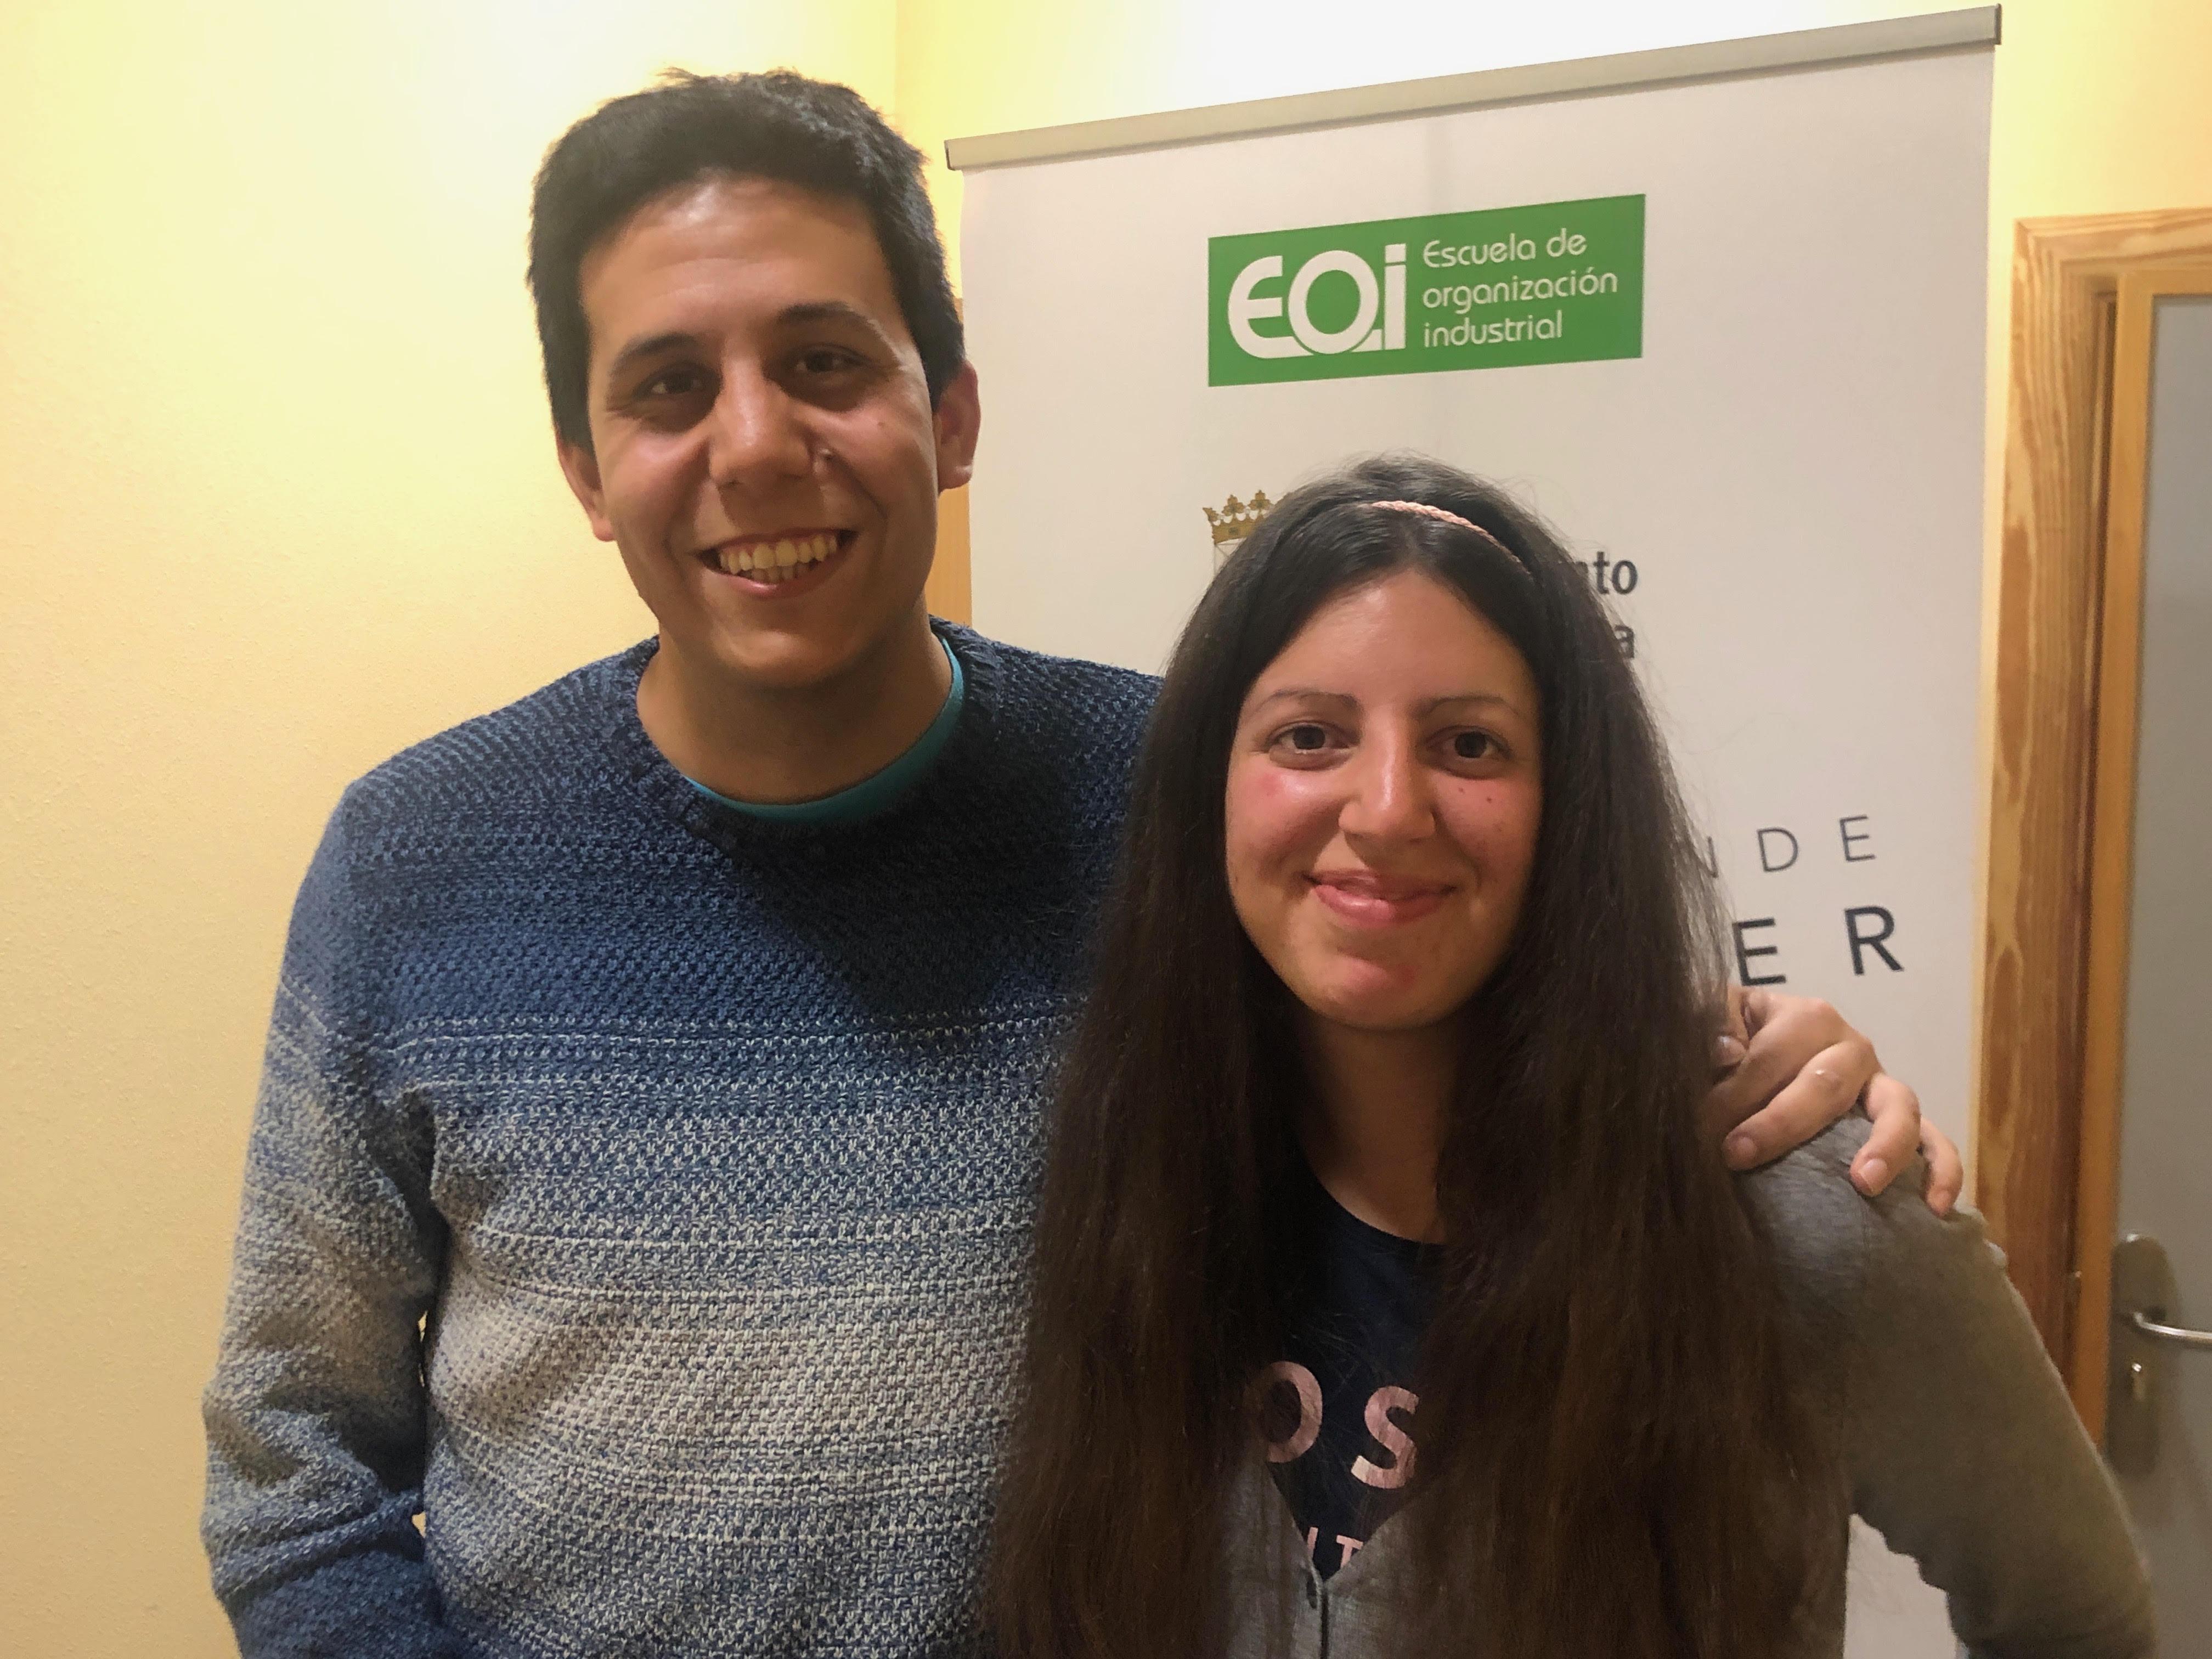 Verónica Santos y David Ramos, Talentotecnia